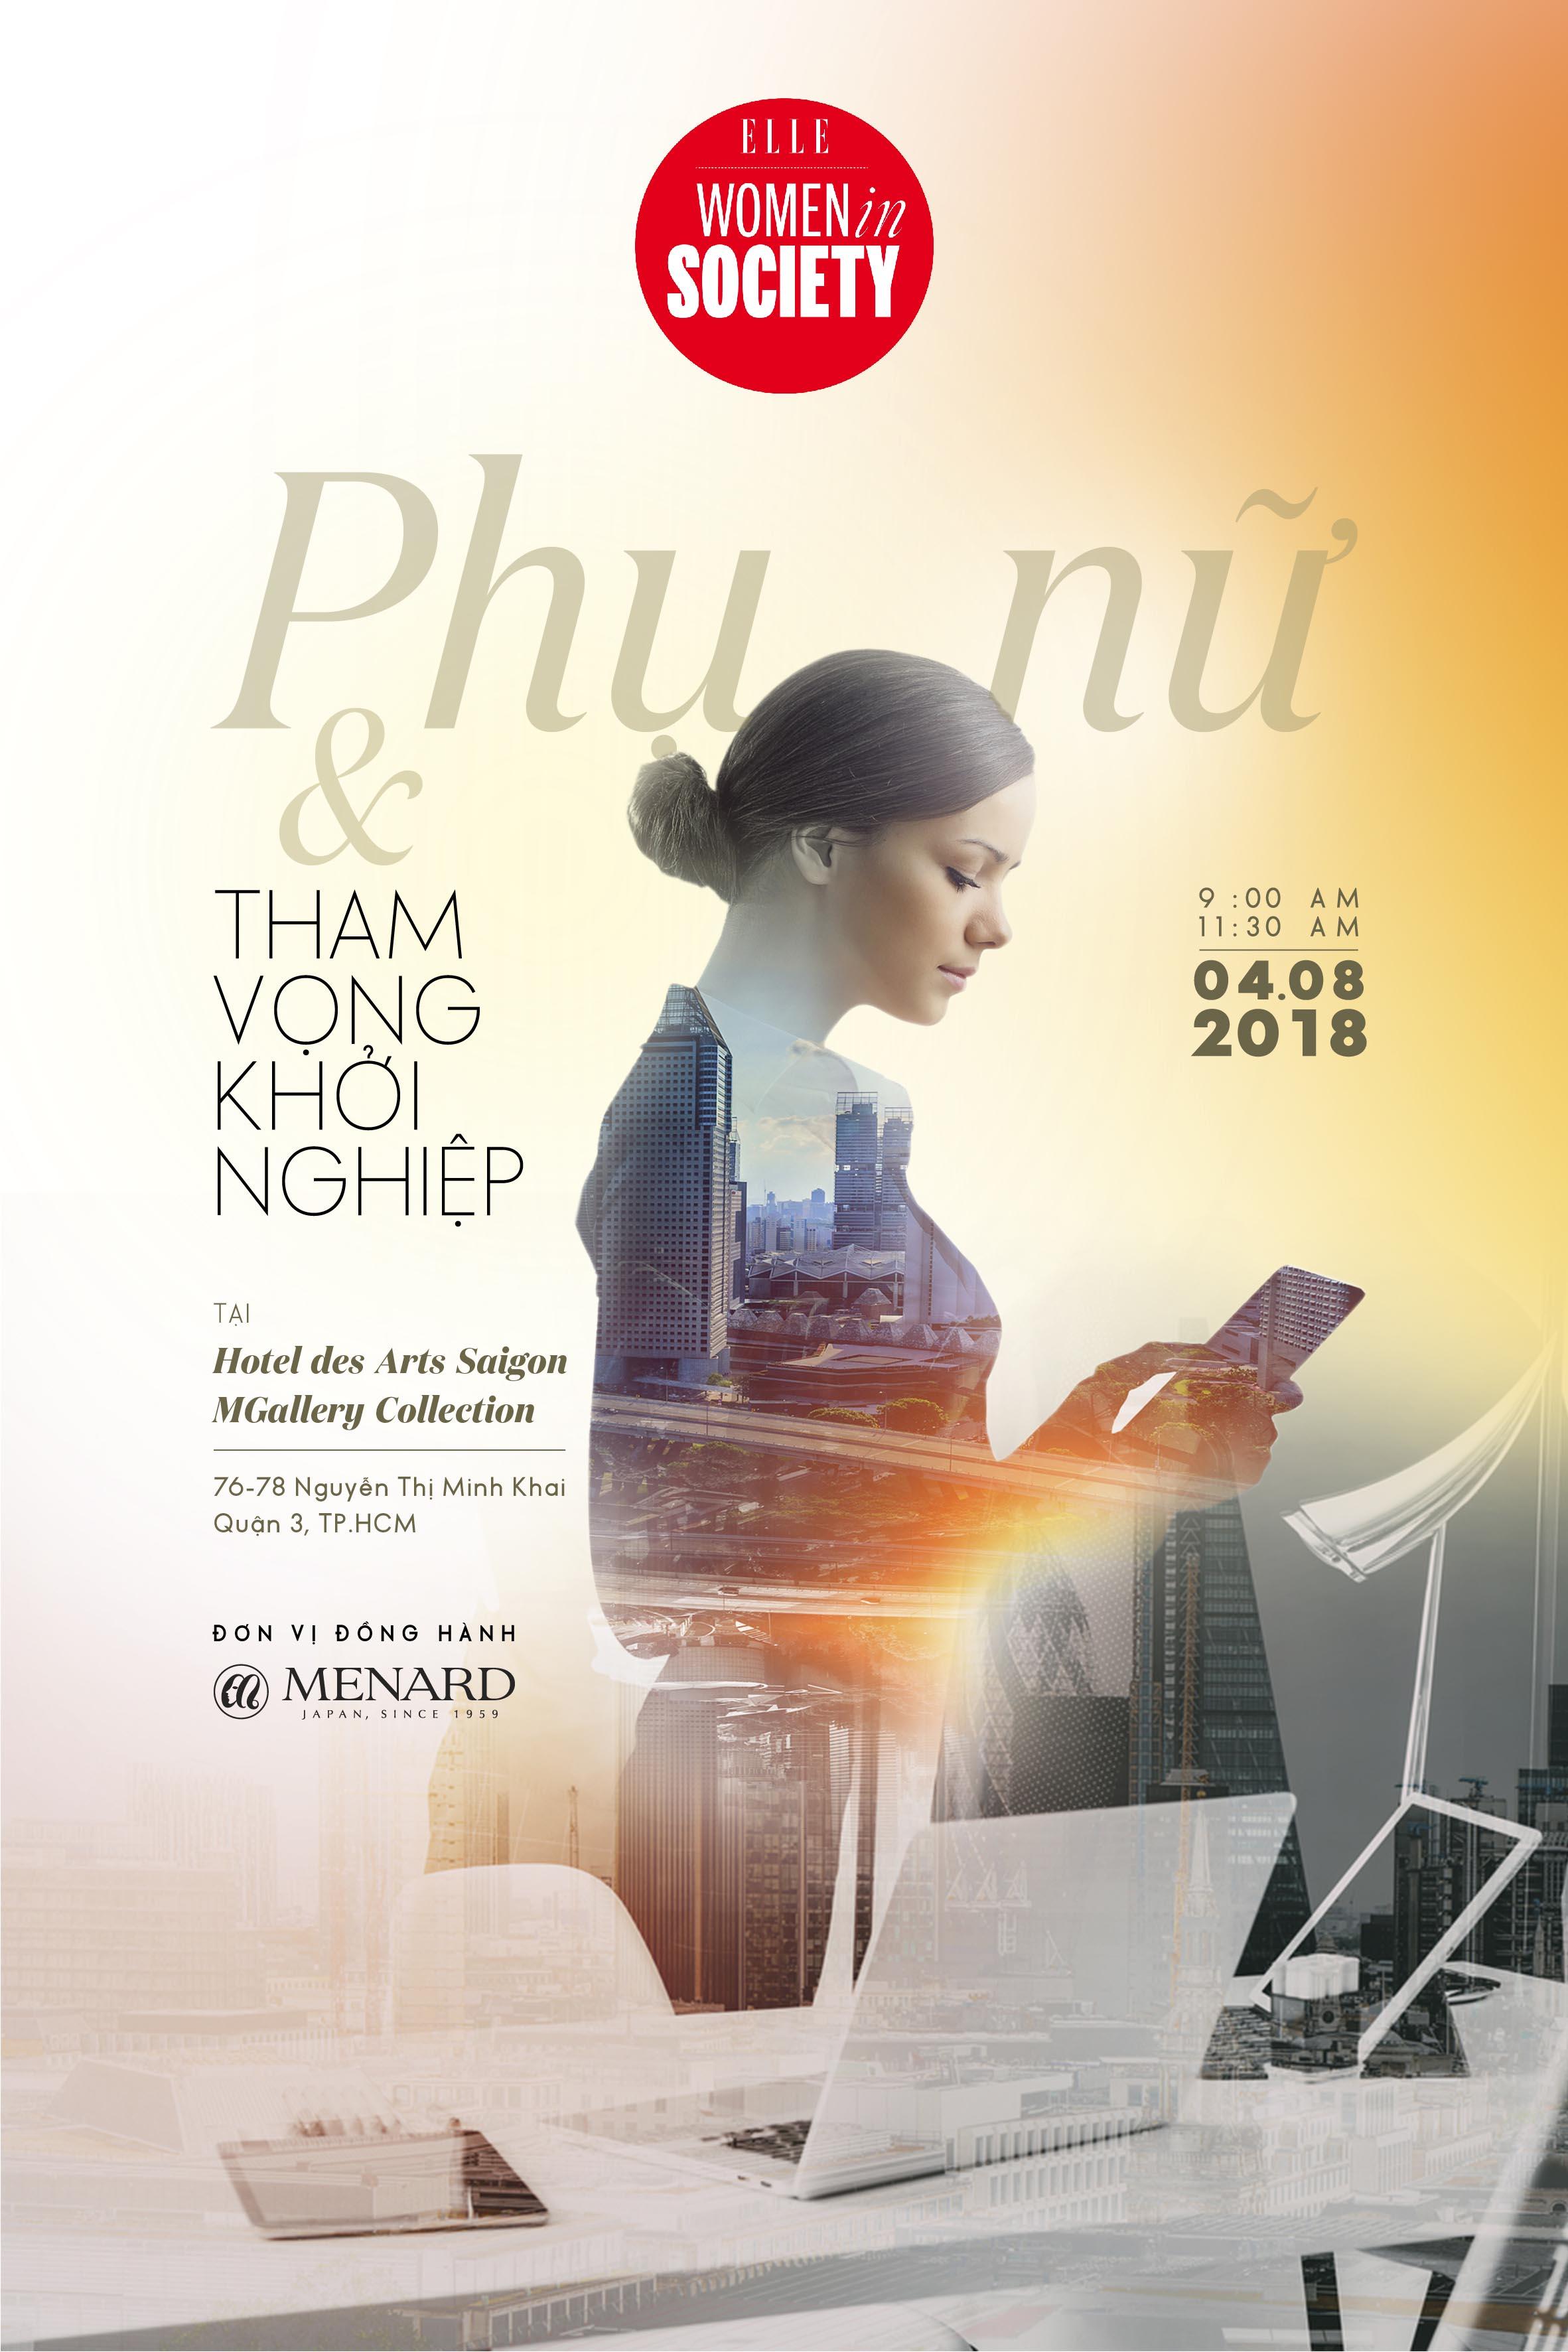 1533106647 946 co mot thuc trang dang buon cho cong dong phu nu khoi nghiep moi dep cuon si - Có một thực trạng đáng buồn cho cộng đồng phụ nữ khởi nghiệp - Môi Đẹp Cuồn Si